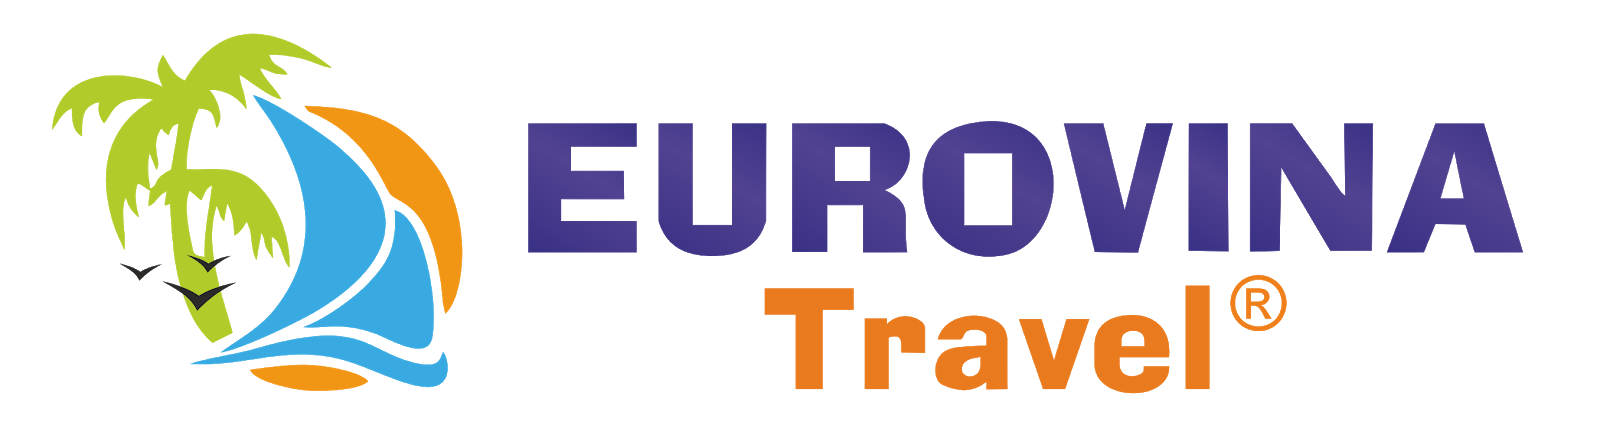 Du Lịch Châu Âu - Dịch vụ tour du lịch Châu Âu: Tour thăm quan trên đất liền tàu MAGICA 6.7-13.7